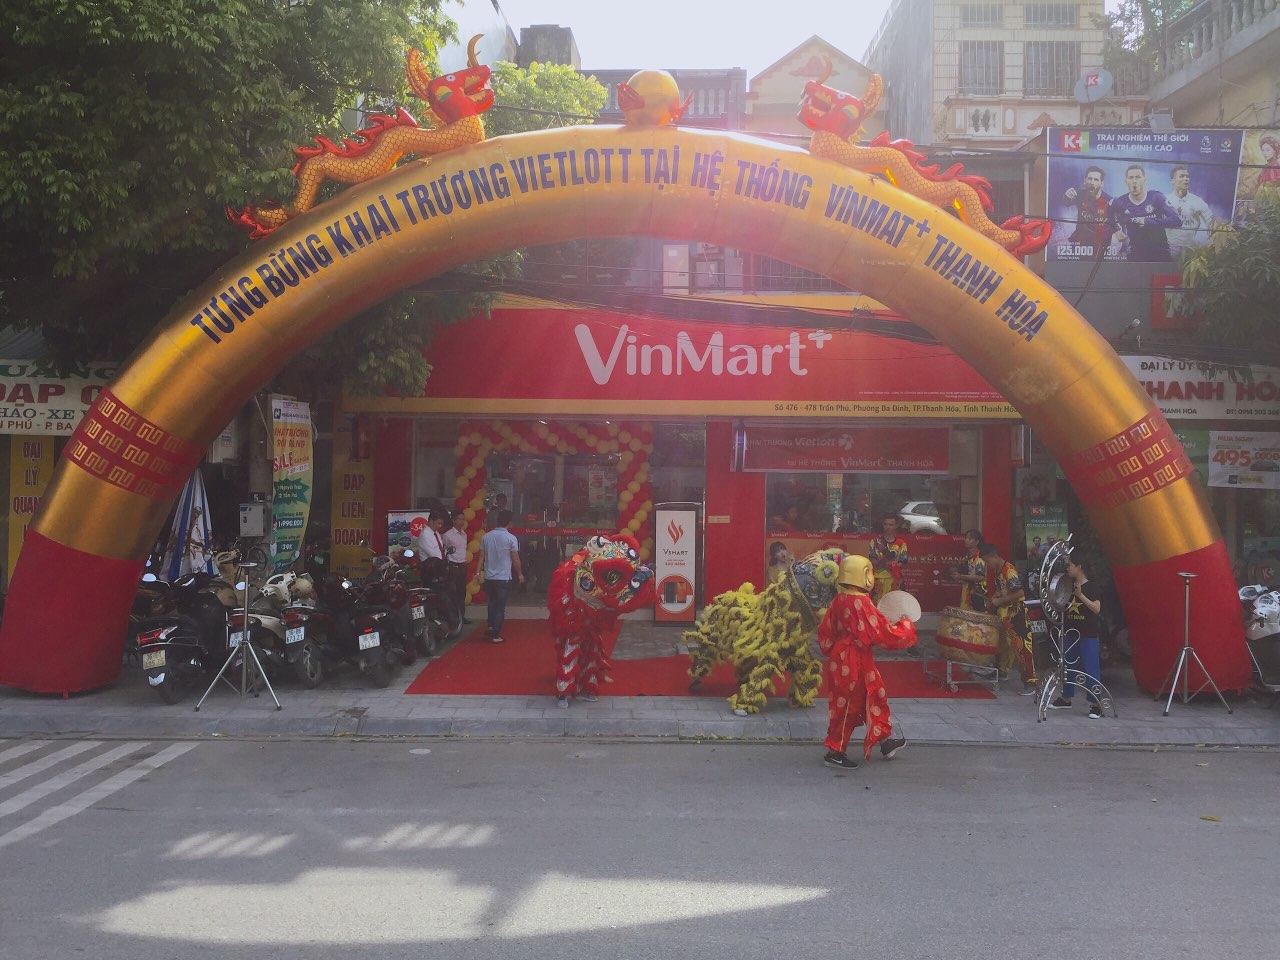 Vietlott triển khai bán vé xổ số hệ thống Vinmart+ Thanh Hóa